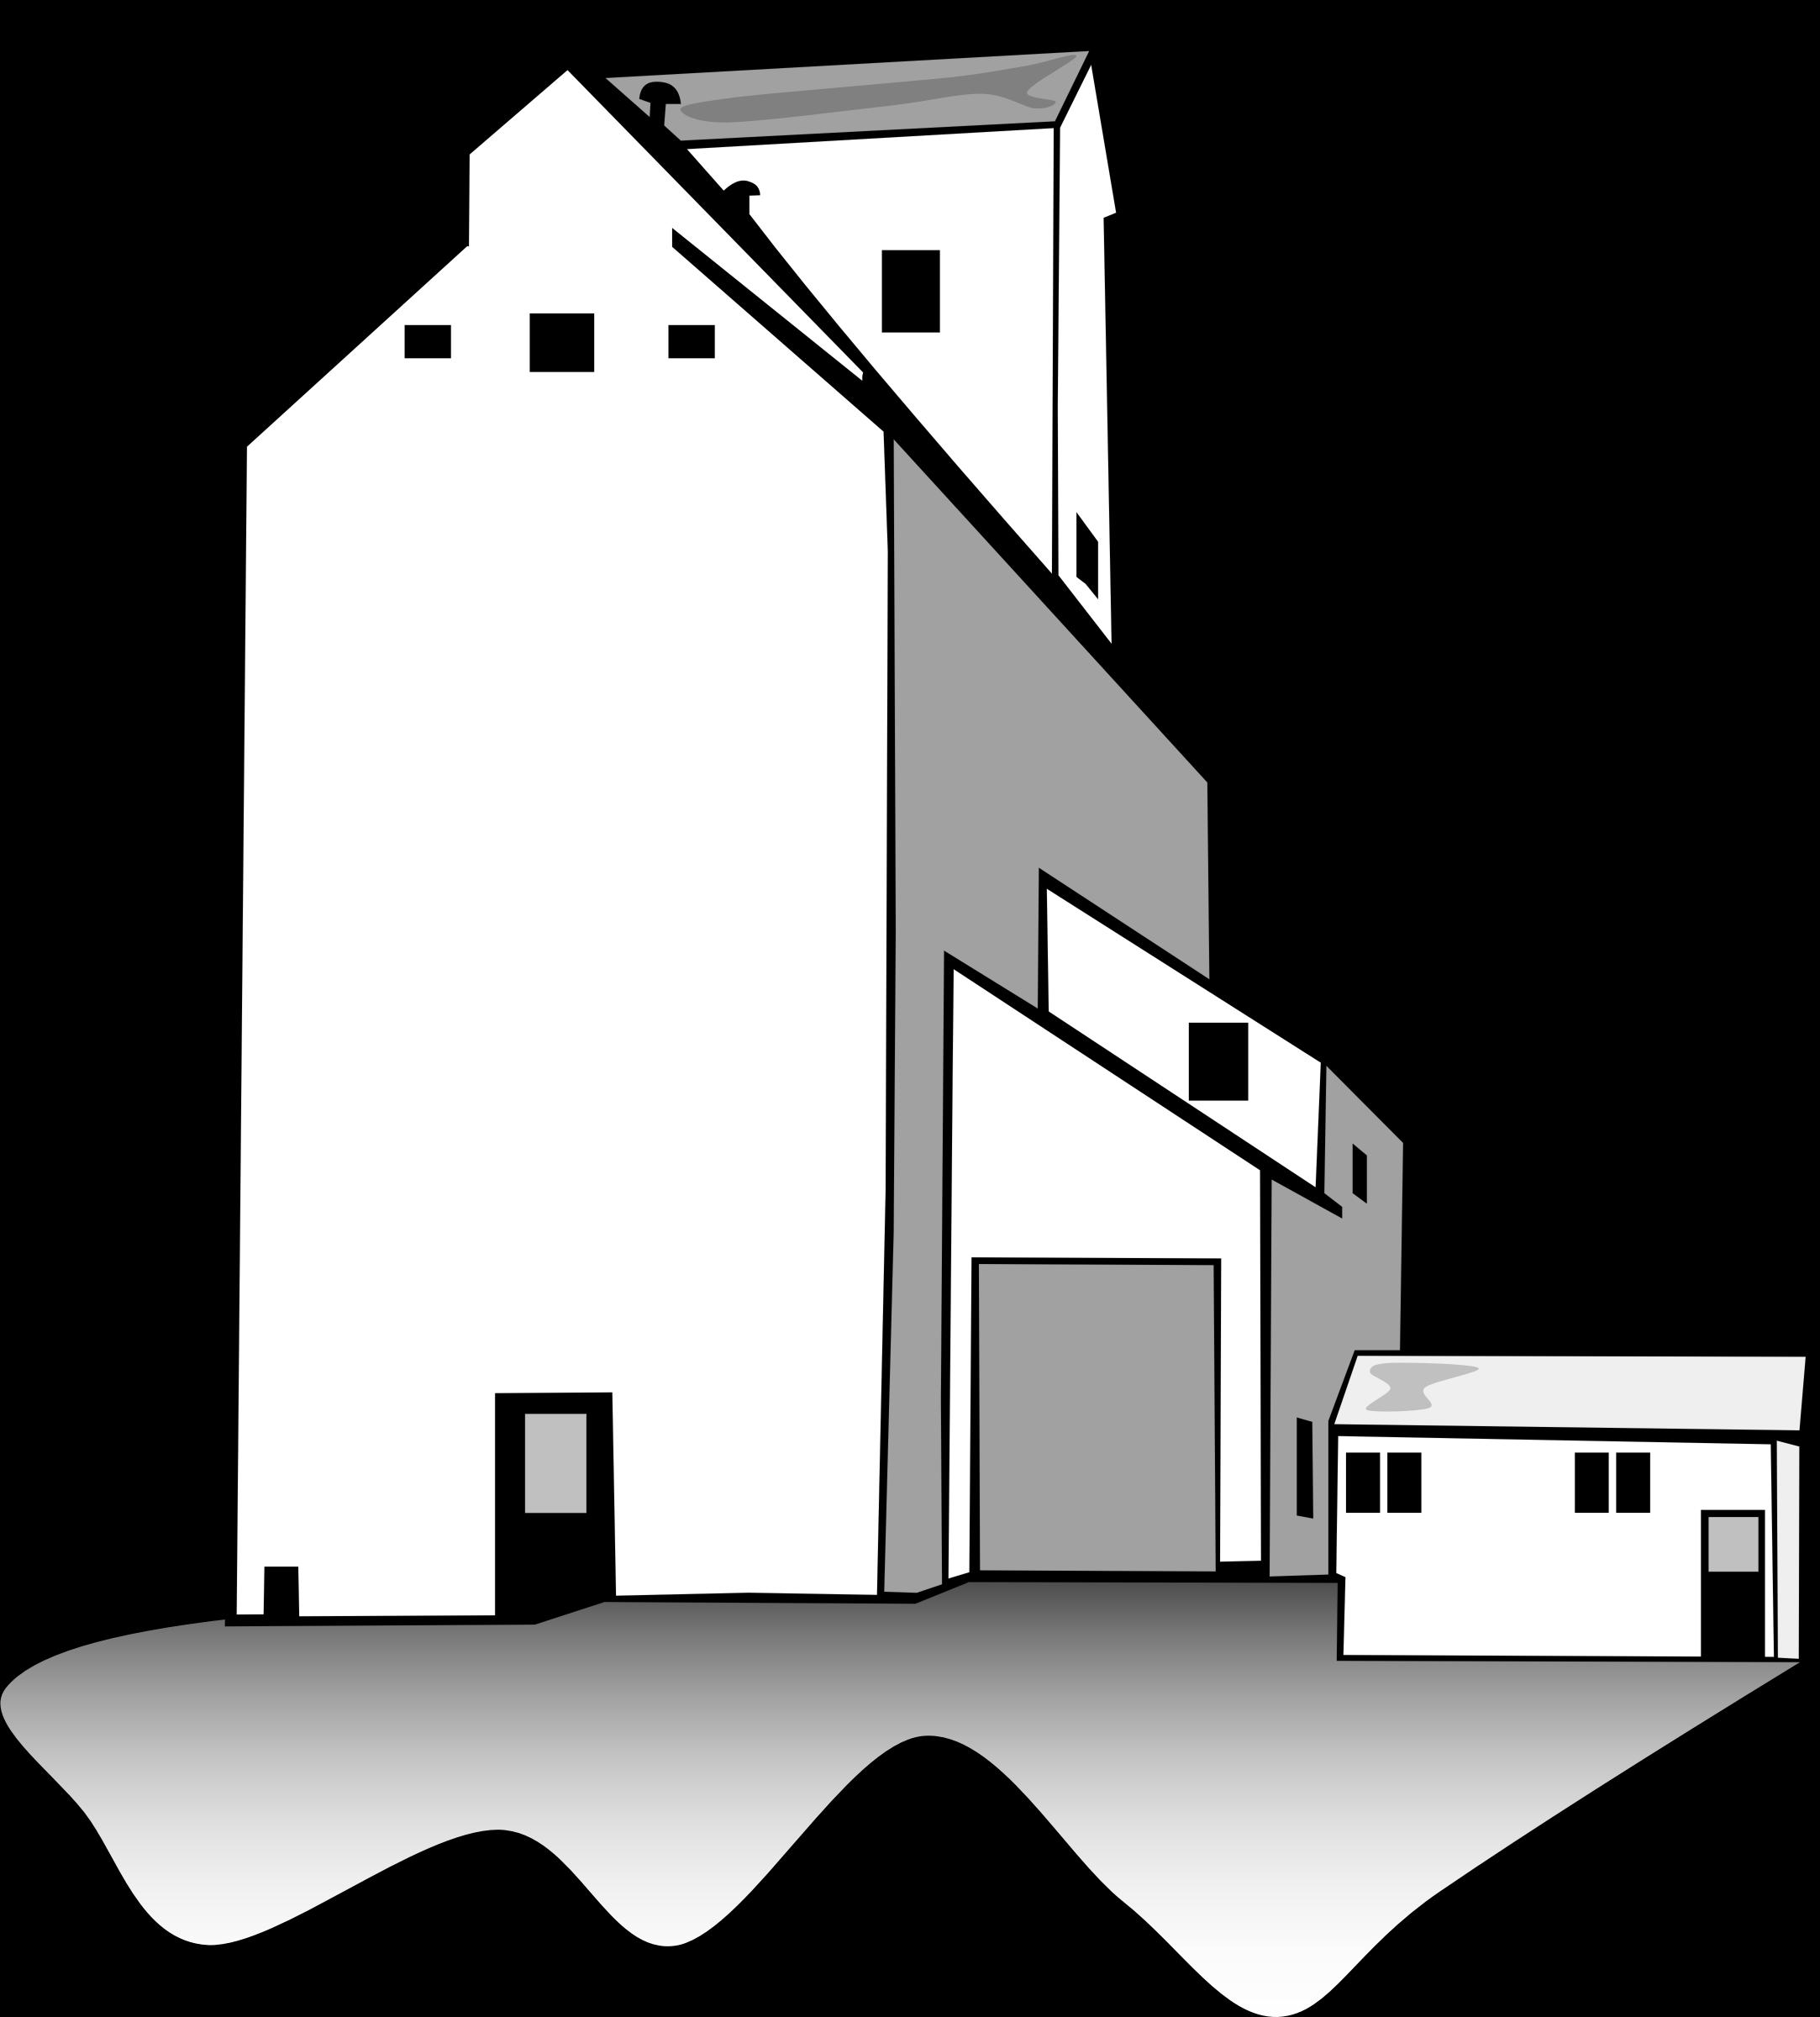 Grain elevator clipart.